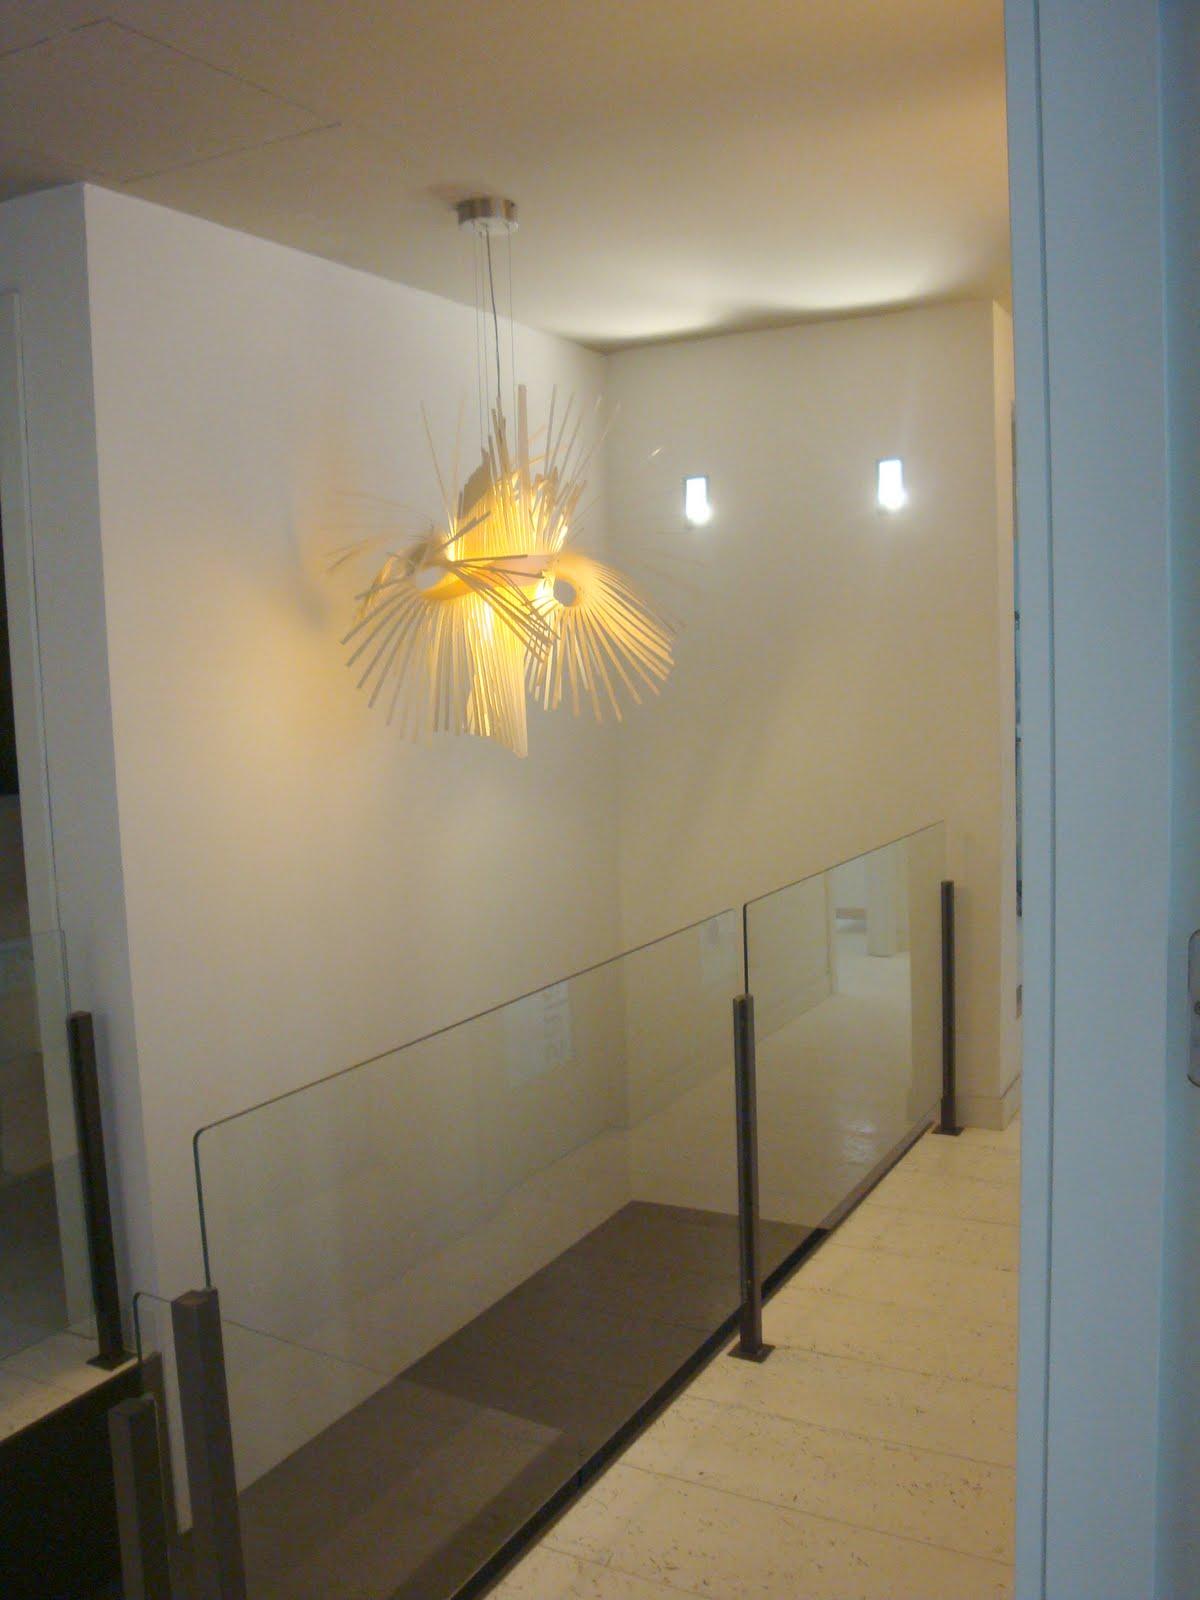 Kfhdise o oficinas sci erandio bizkaia for Oficinas hacienda bizkaia